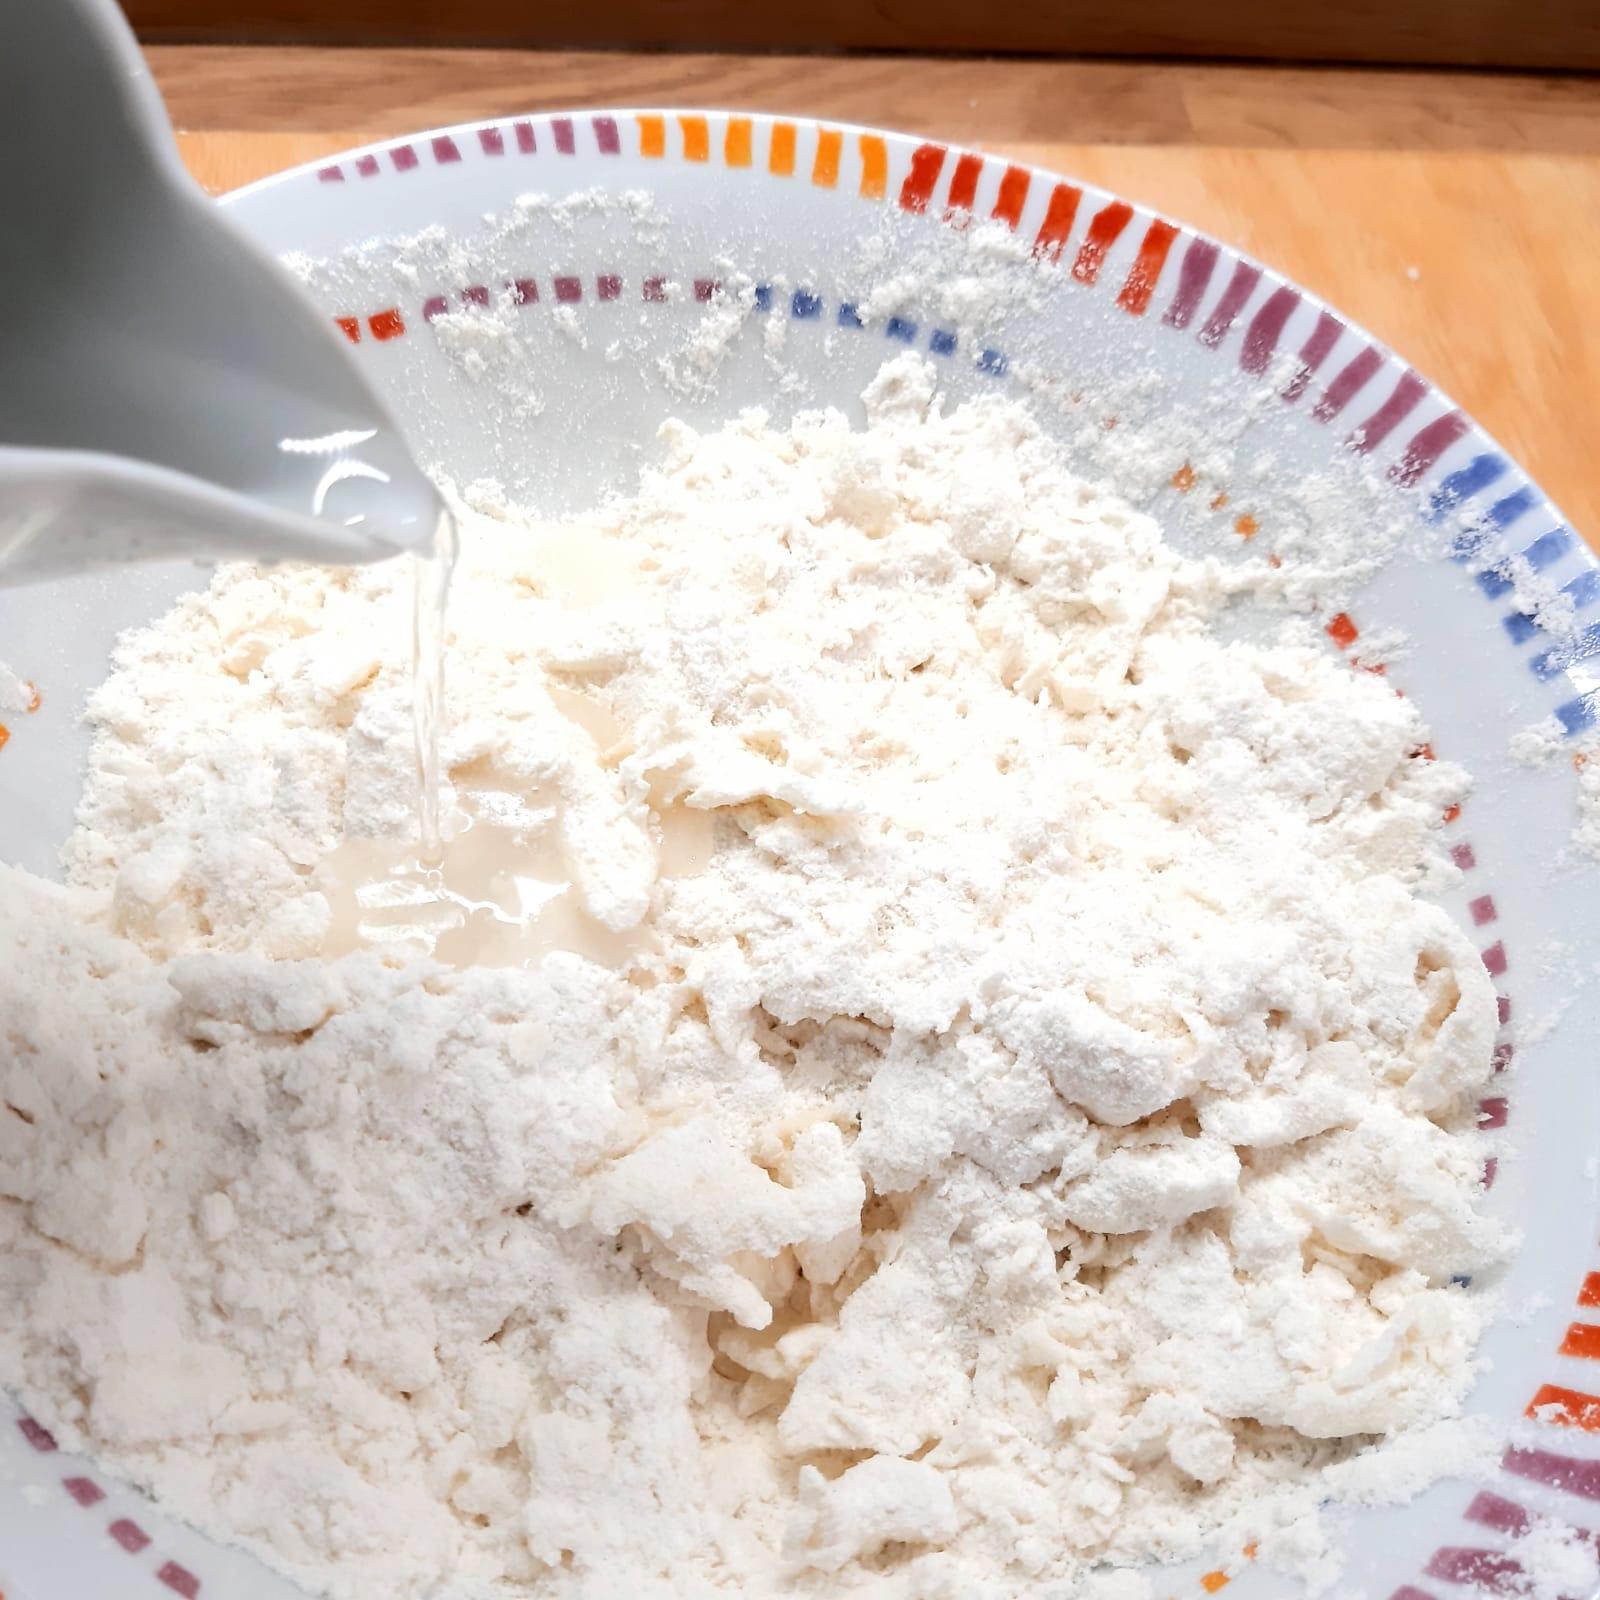 conchiglie di pasta brisée da farcire